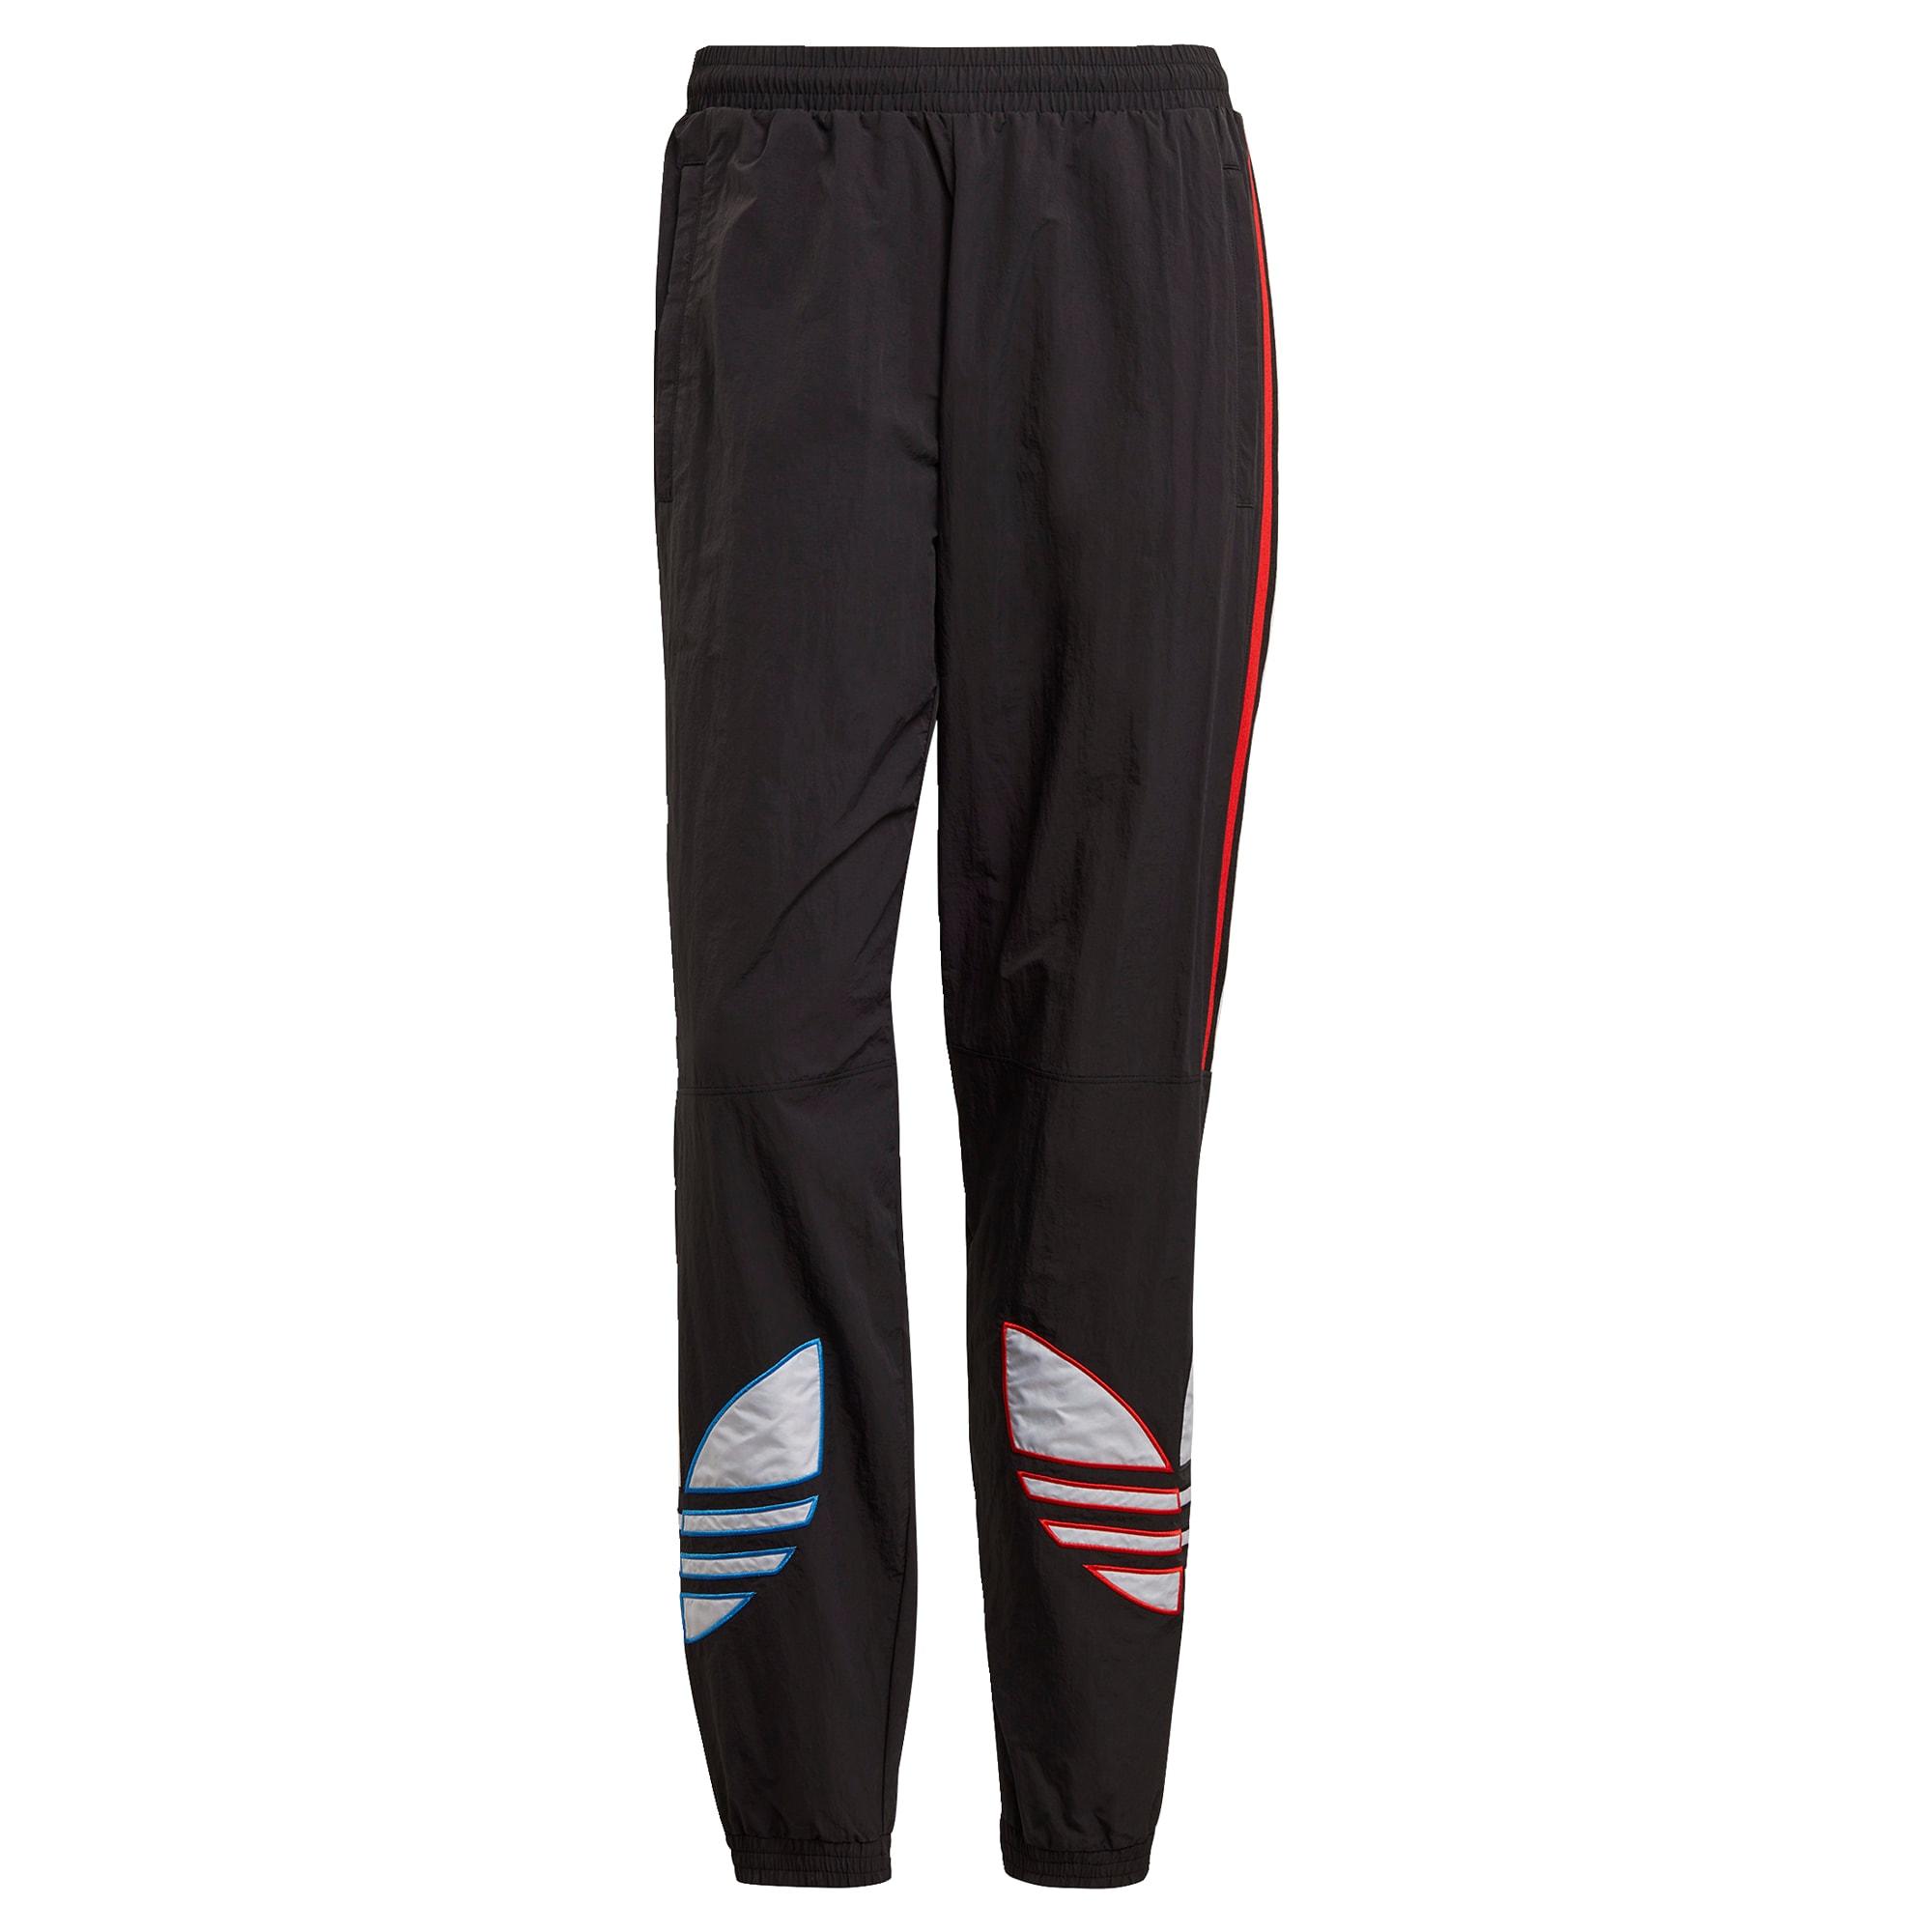 ADIDAS ORIGINALS Kelnės juoda / raudona / mėlyna